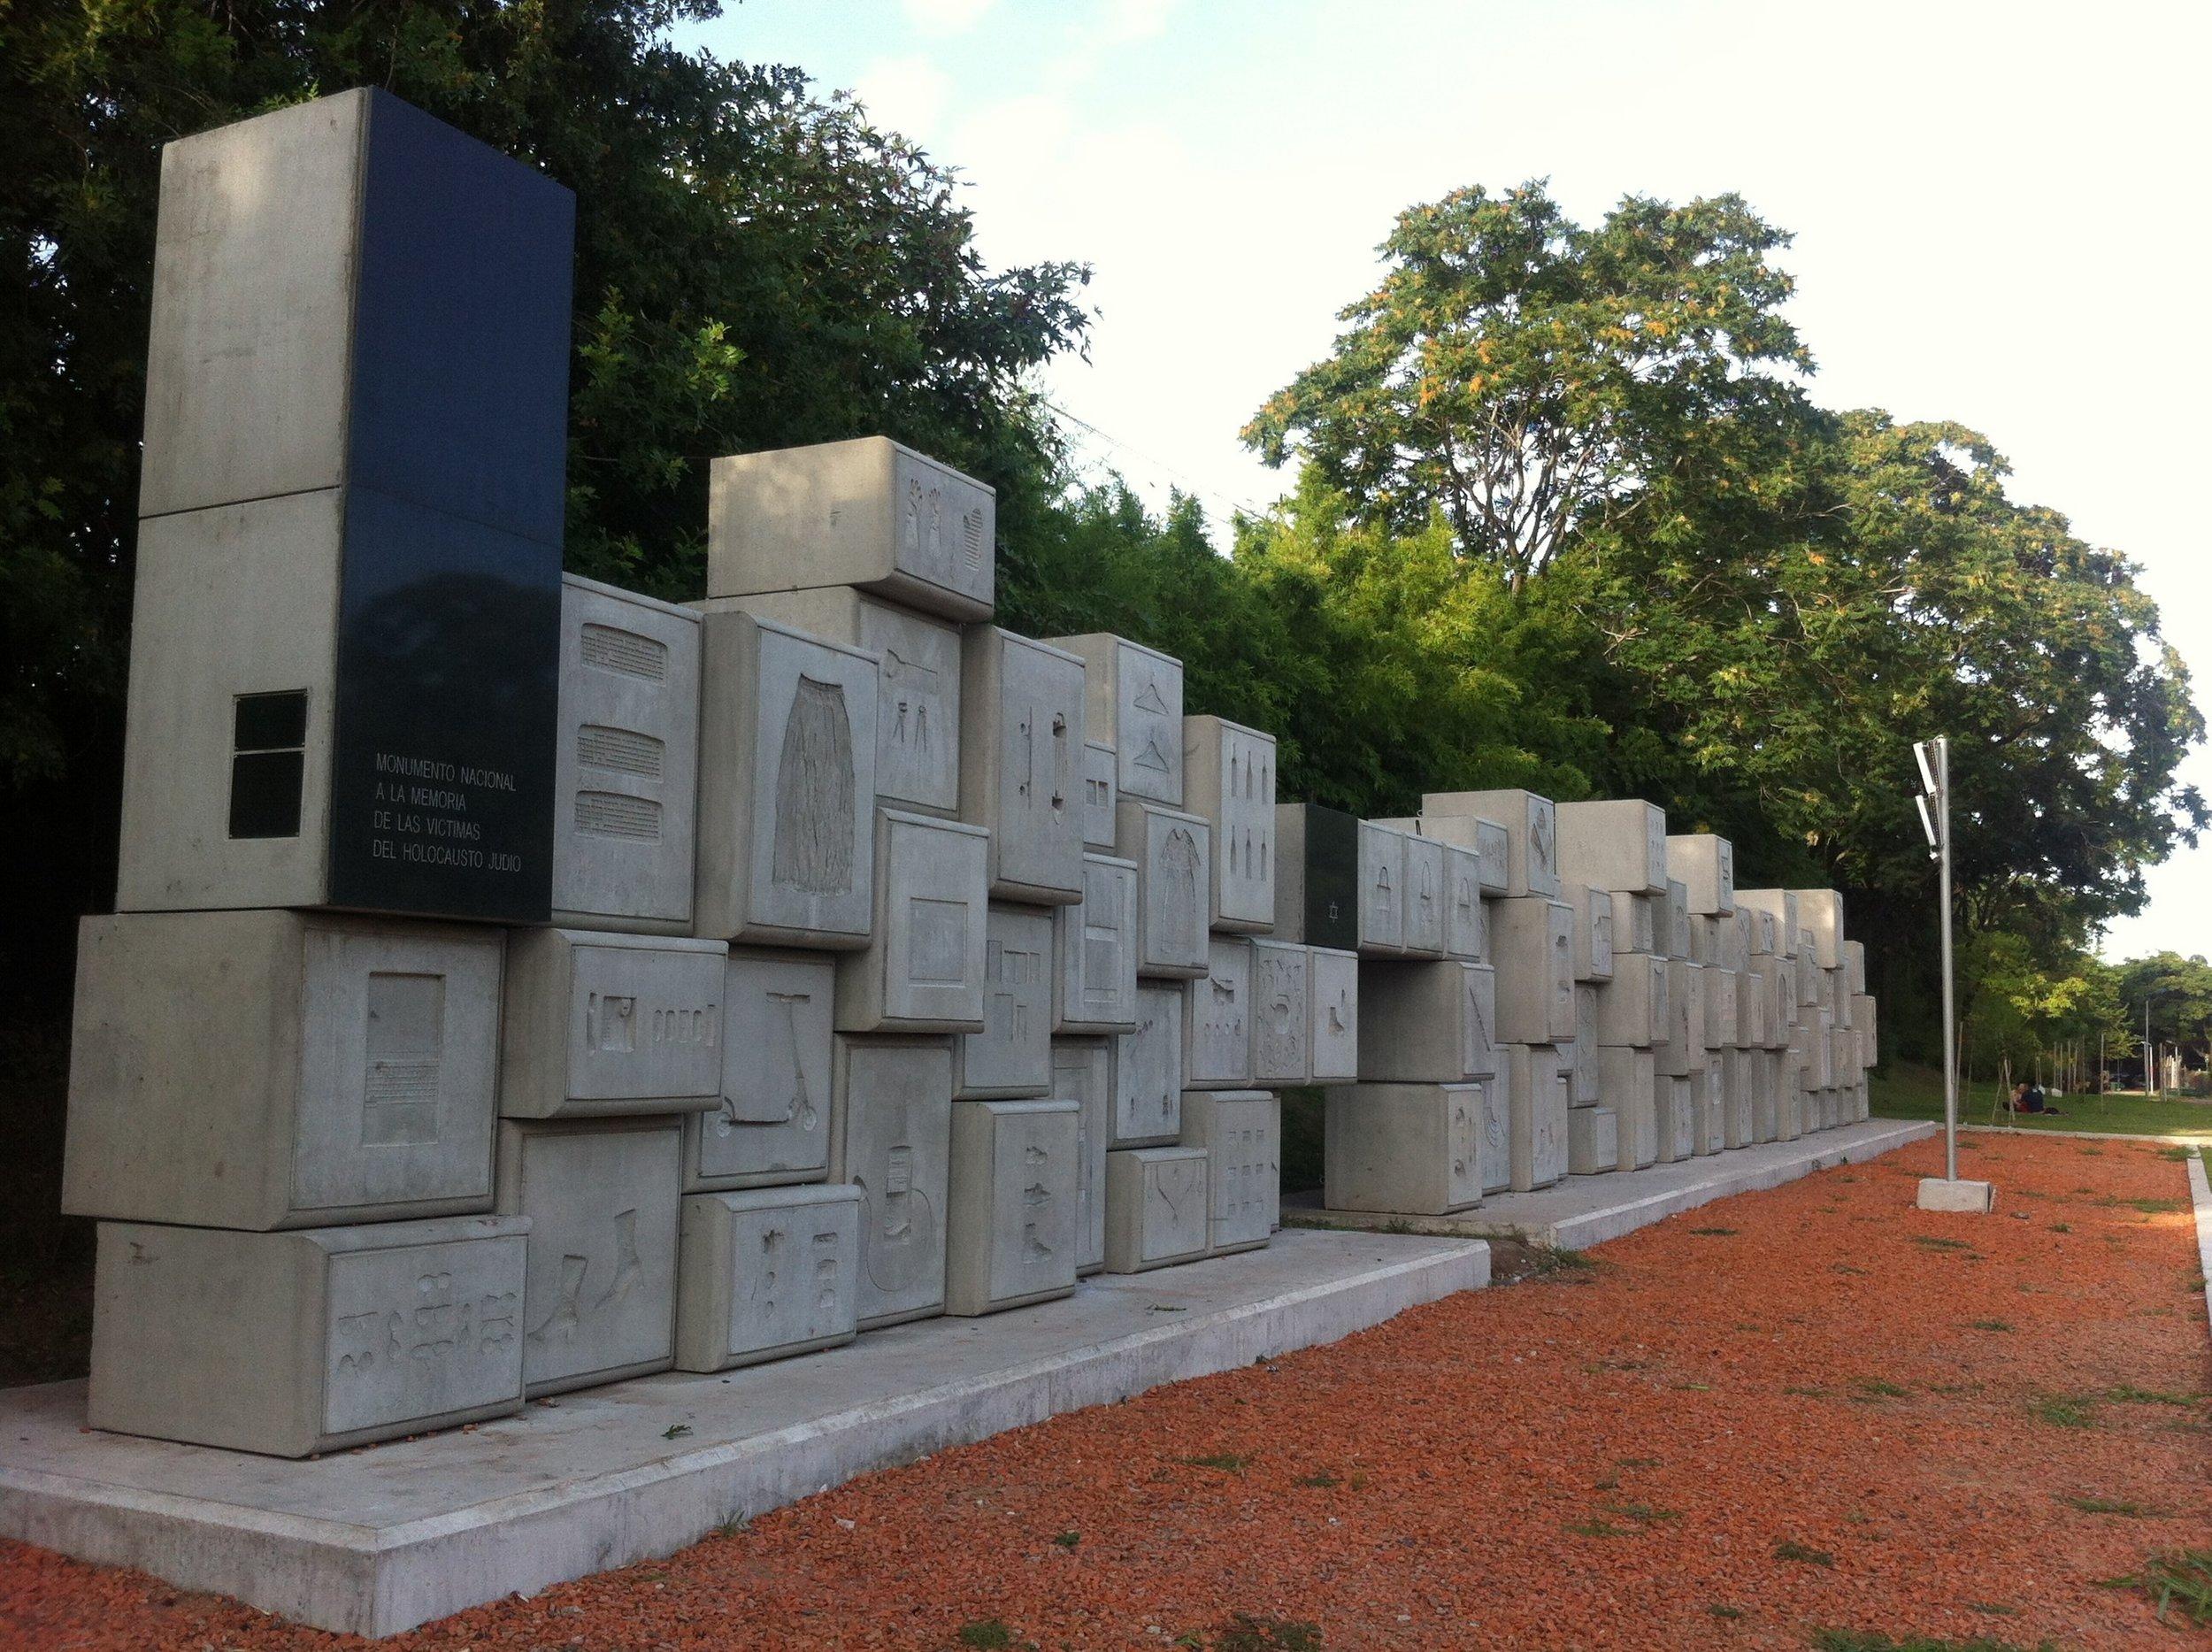 El  Monumento Nacional a la Memoria de las Víctimas del Holocausto , de los arquitectos Gustavo Nielsen y Sebastián Marsiglia, se encuentra emplazado en la Plaza de la Shoá, en la intersección de las avenidas  del Libertador  e Intendente Bullrich, en la  Ciudad de Buenos Aires ,  Argentina .